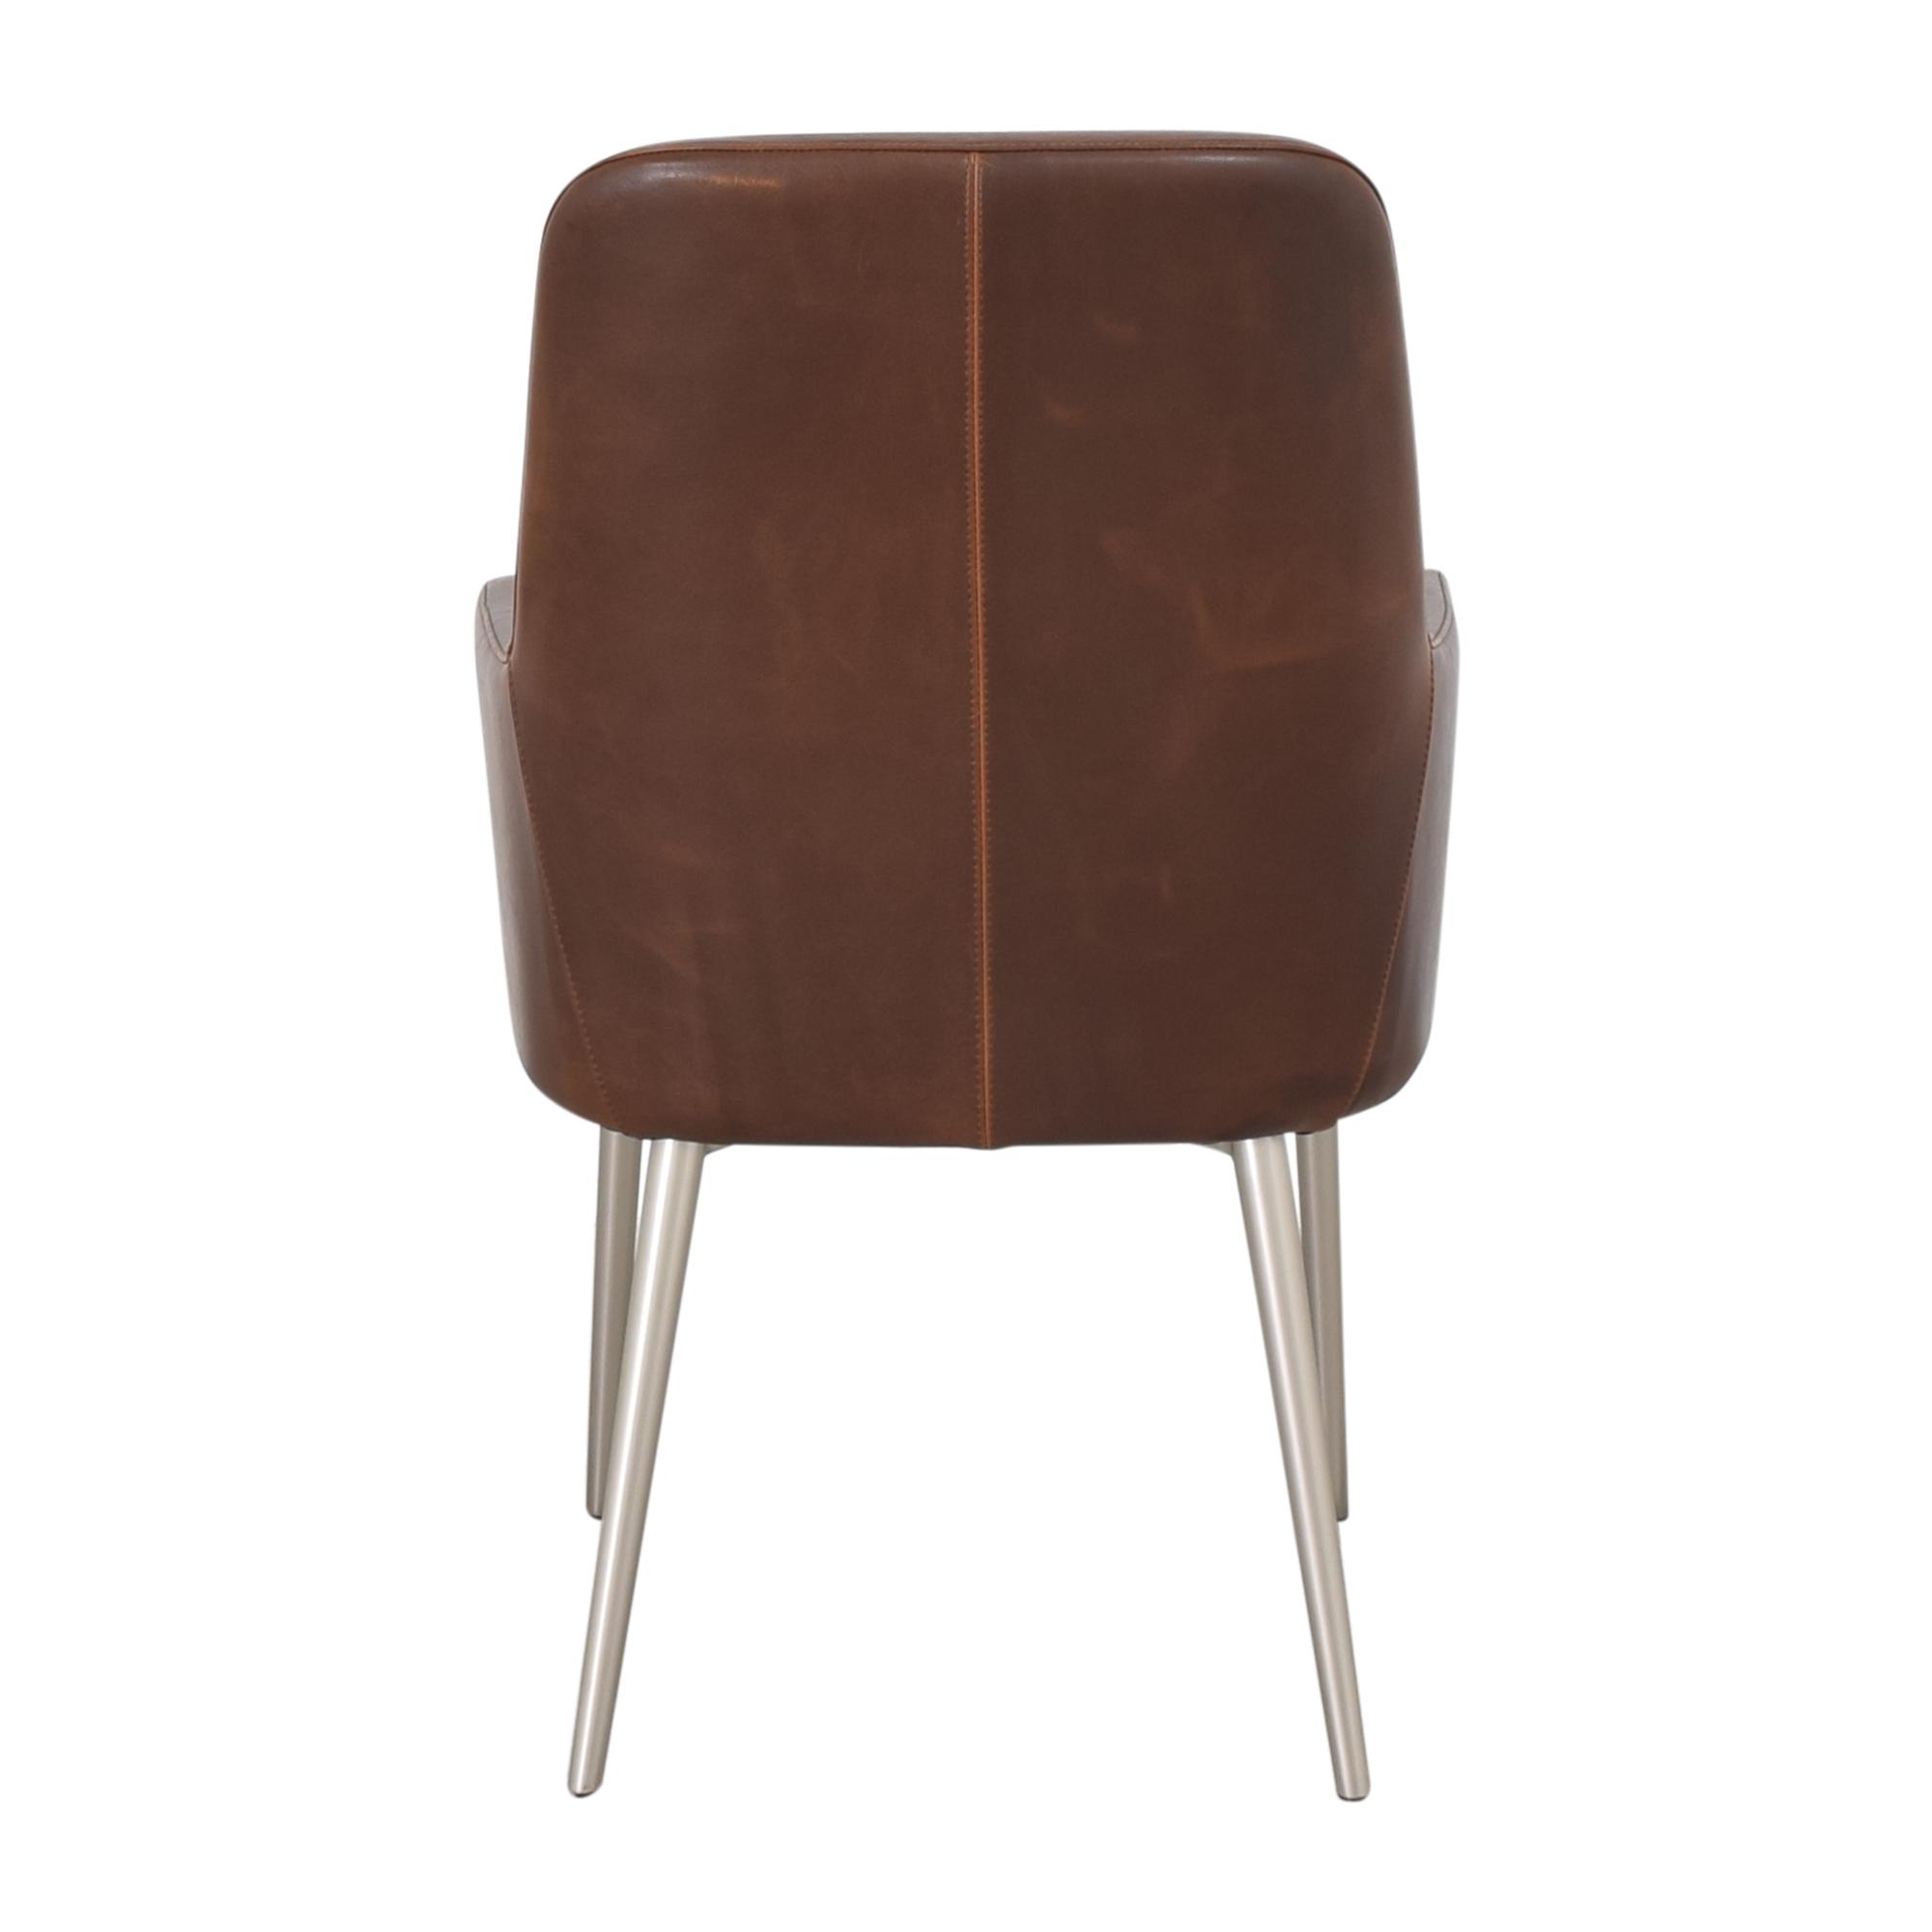 CB2 CB2 Aragon Chair discount